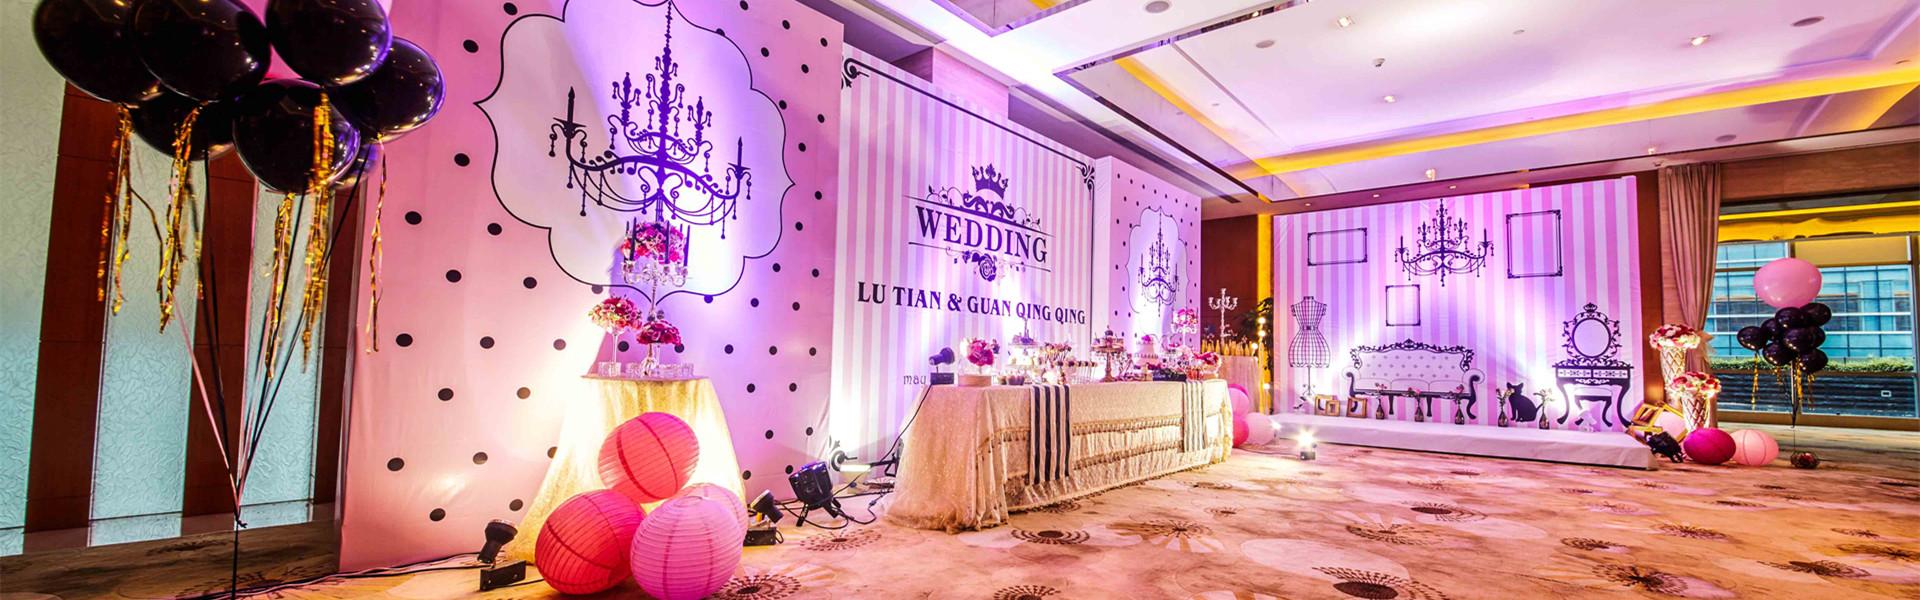 乌鲁木齐婚礼策划预订场地时有些问题是你没留神到的